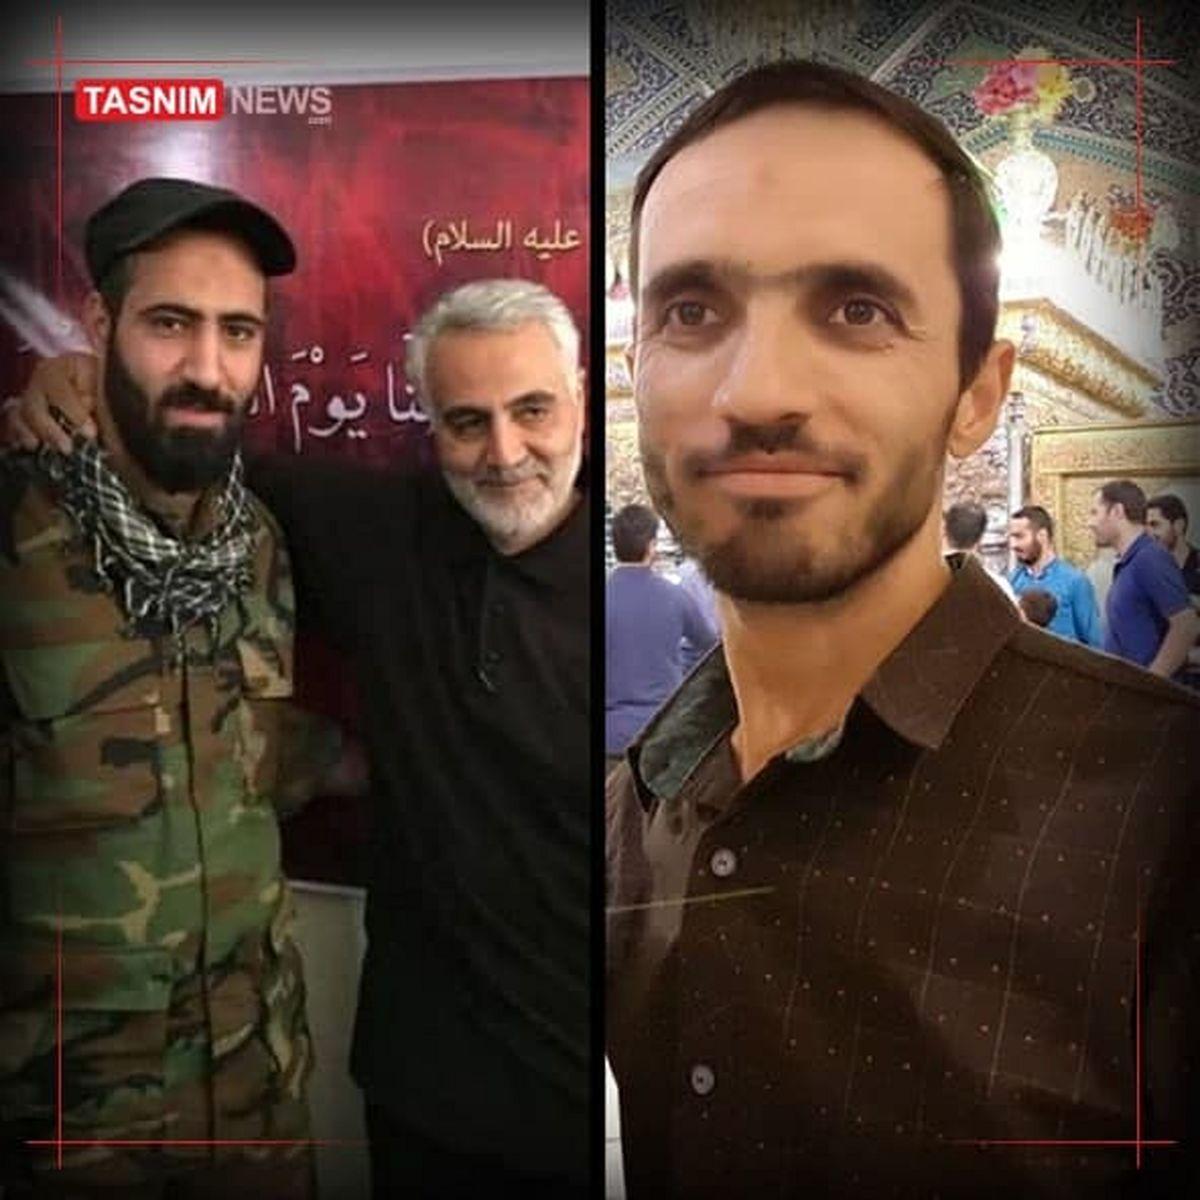 شهادت دو ایرانی در سوریه + عکس